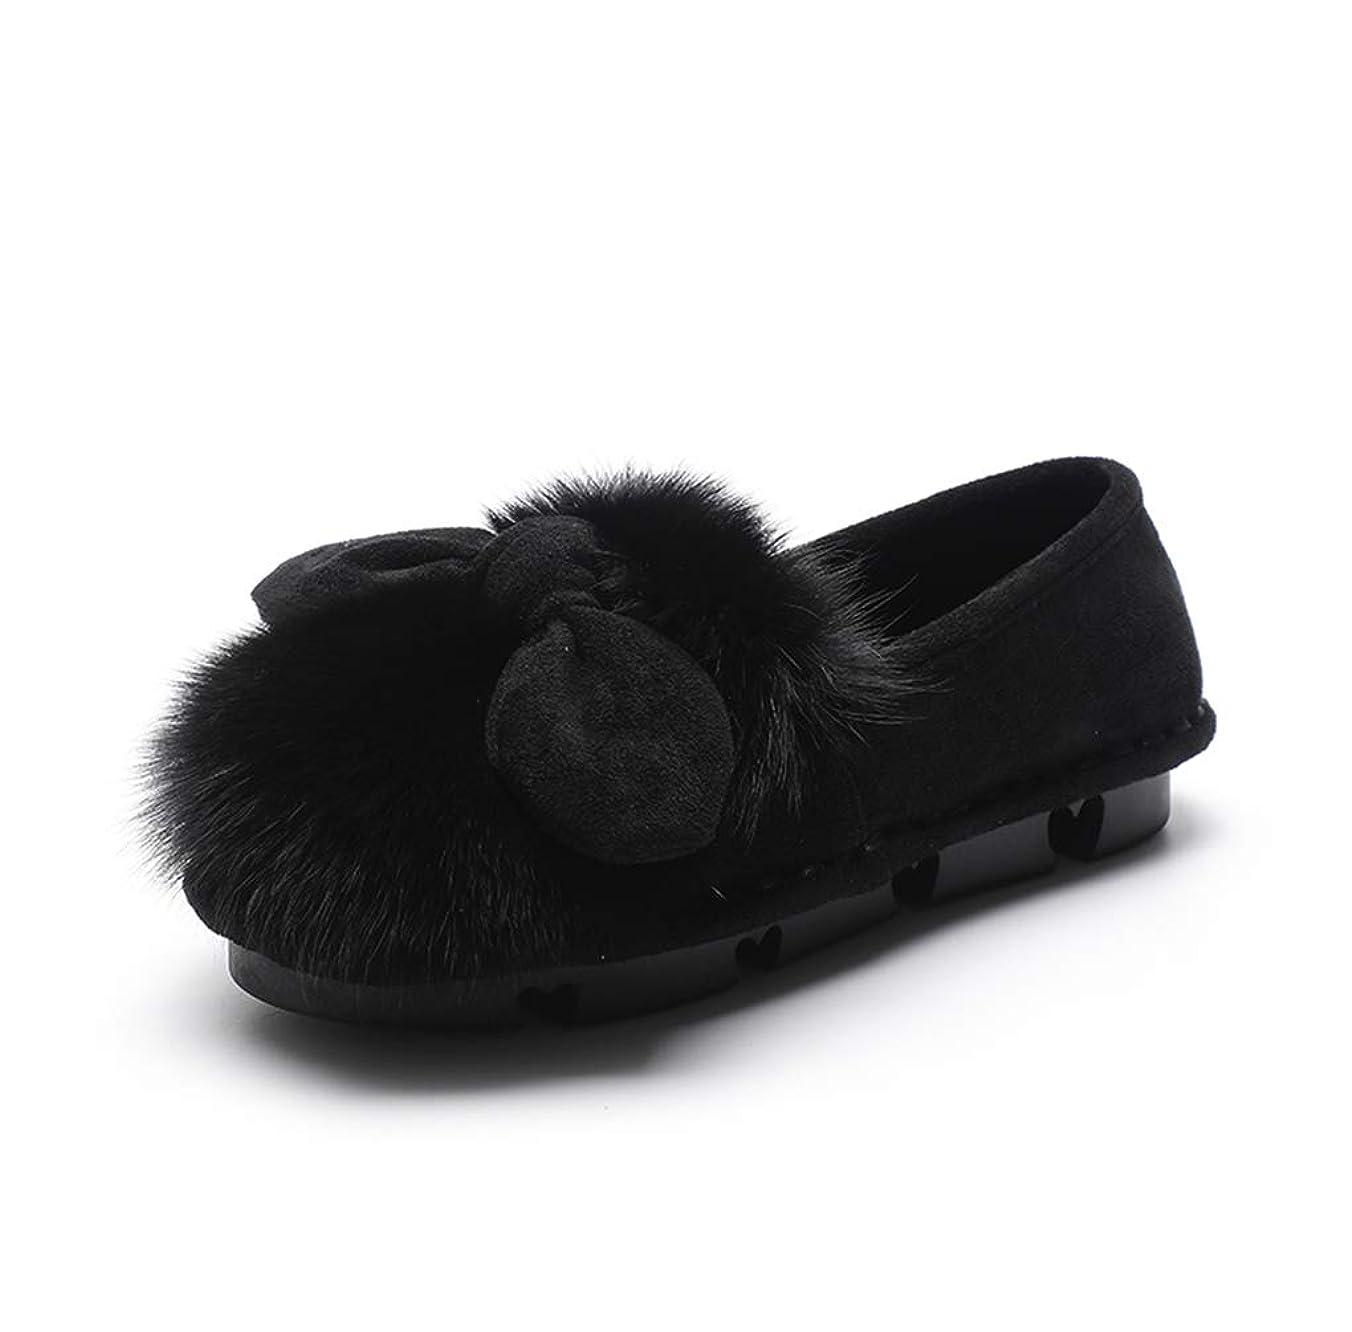 グラディスマガジン出しますファーパンプス リボン フラットシューズ パンプス ファー リボン もこもこ あったか ぺたんこ 可愛い シューズ 靴 秋冬 モカシン 歩きやすい 痛くない フラット ペタンコ 柔らかい ローファー スリッポン おしゃれ 裏起毛